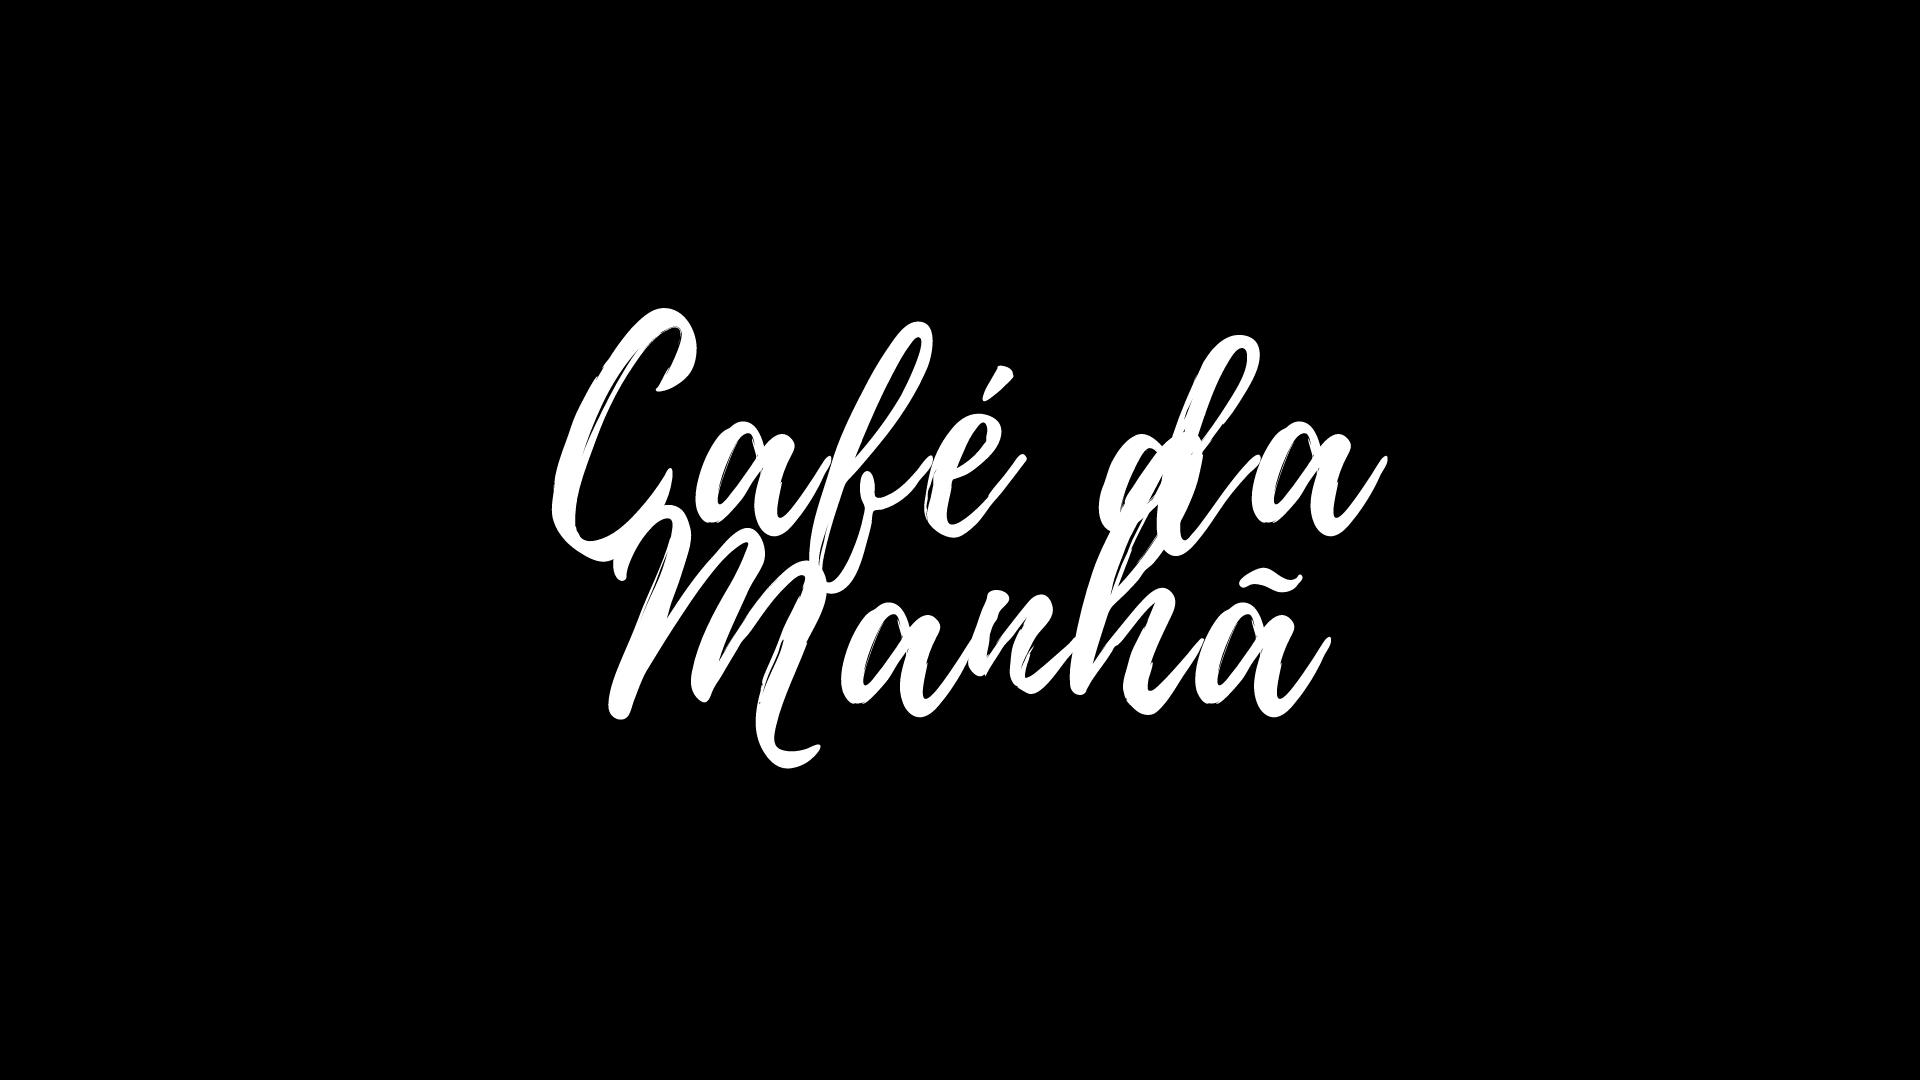 Pousada Viva - São Thomé das Letras